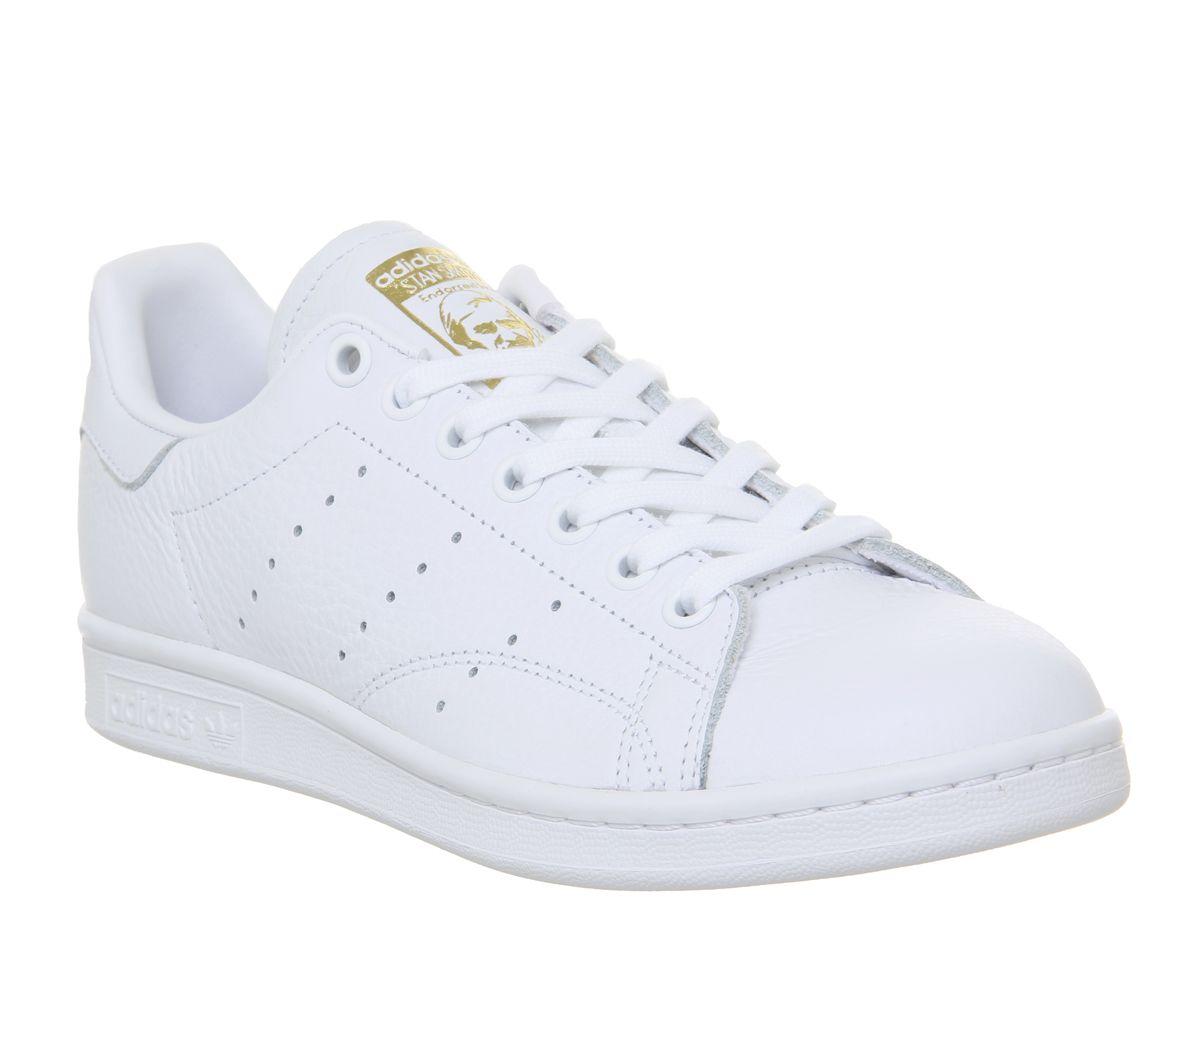 site réputé e83df b318f Détails sur Short Femme Adidas Stan Smith Baskets Blanc Véritable Lilas or  Brut F Baskets Chaussures- afficher le titre d'origine